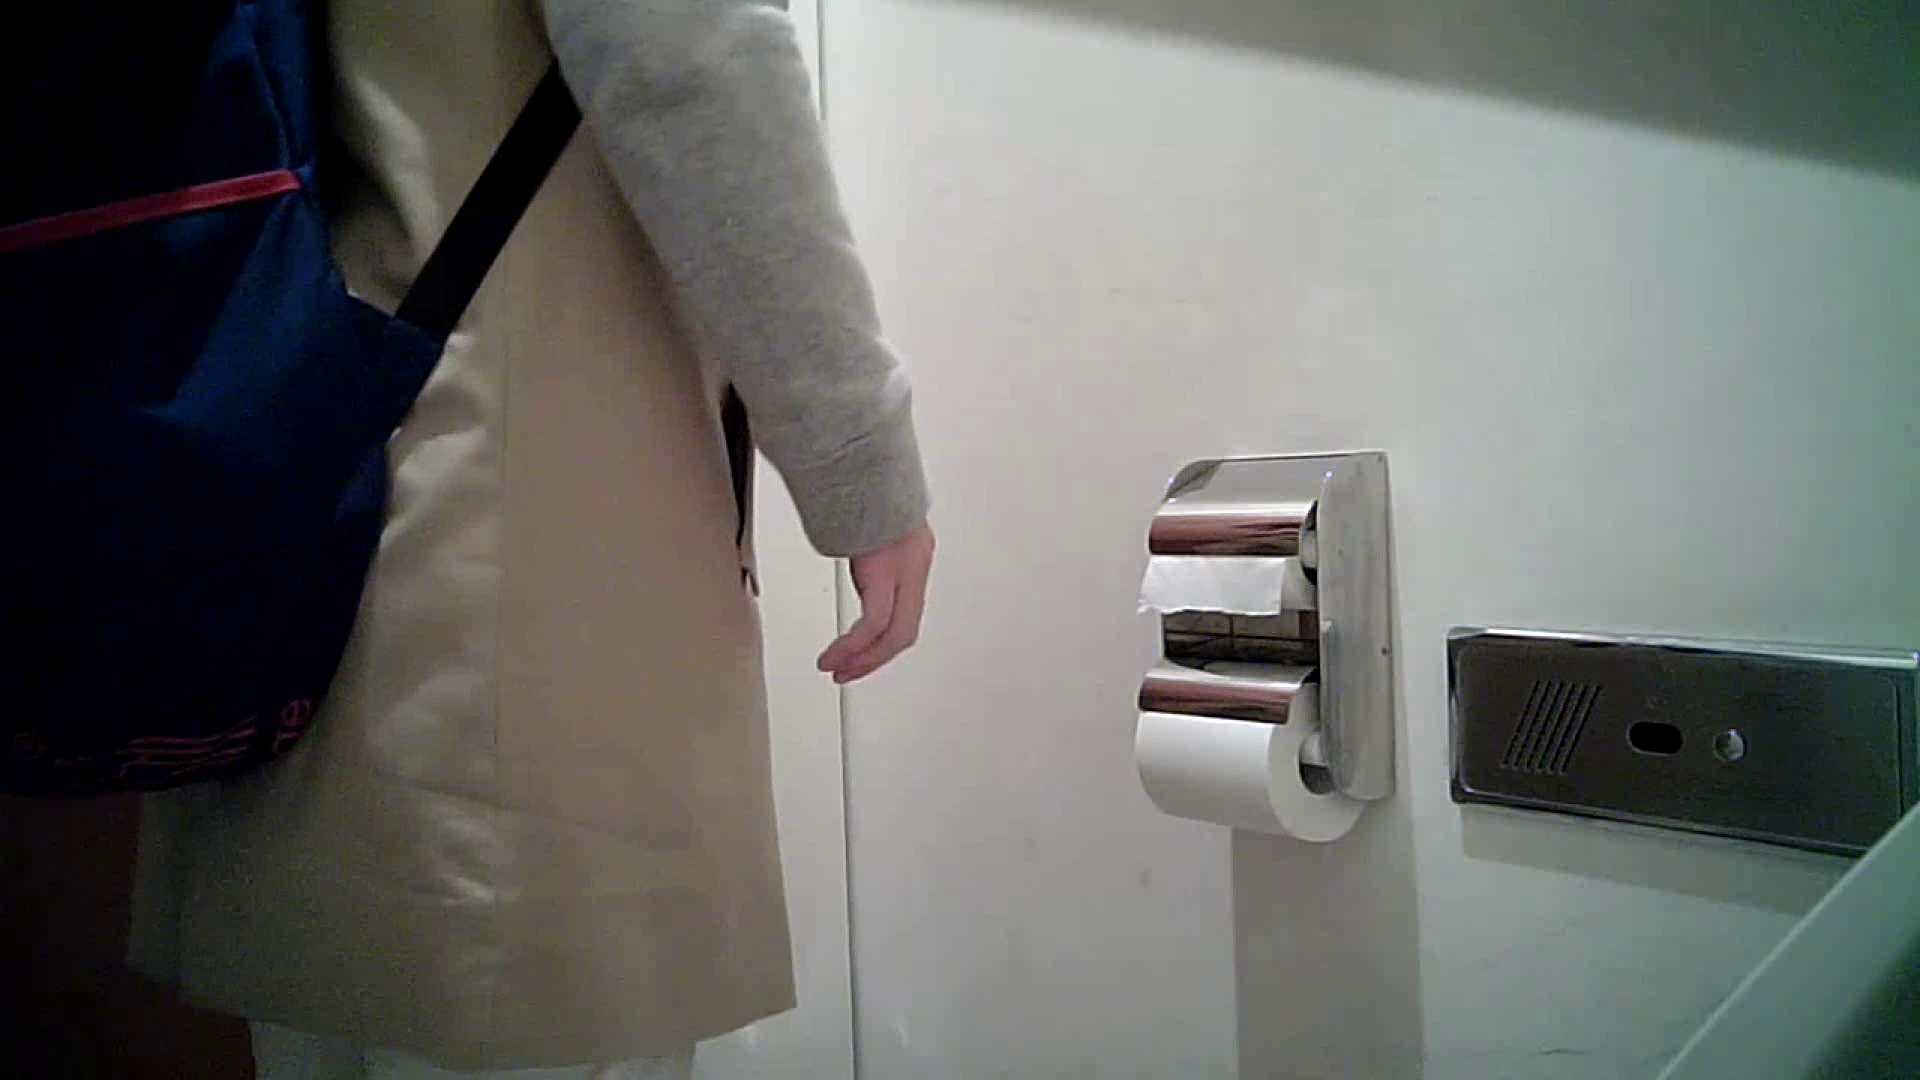 某有名大学女性洗面所 vol.26 和式 盗撮 107PIX 59